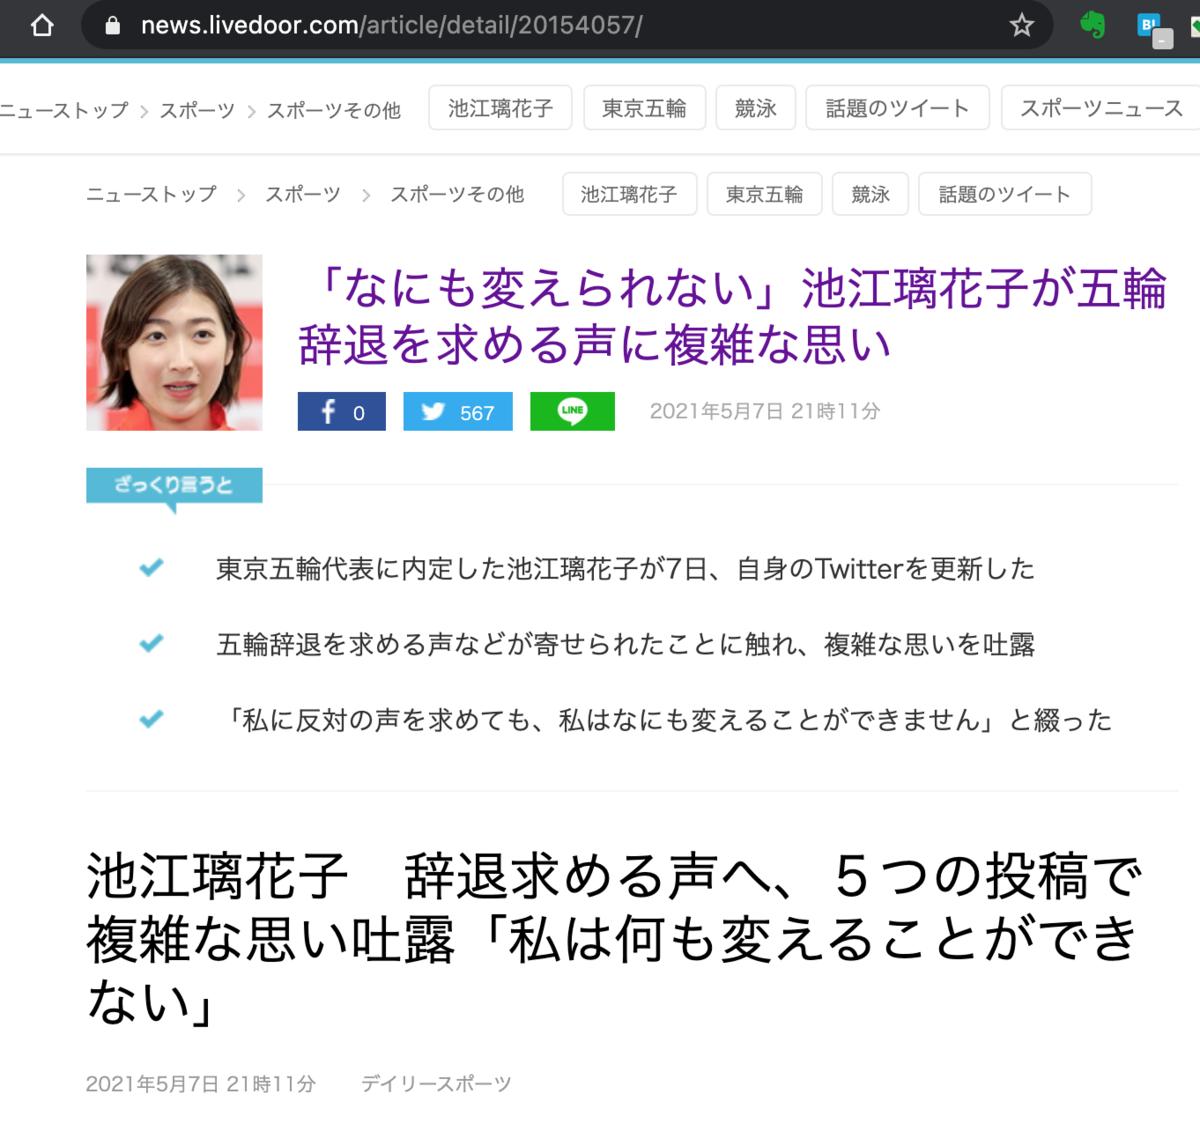 f:id:Jota_Shimazaki:20210510002646p:plain